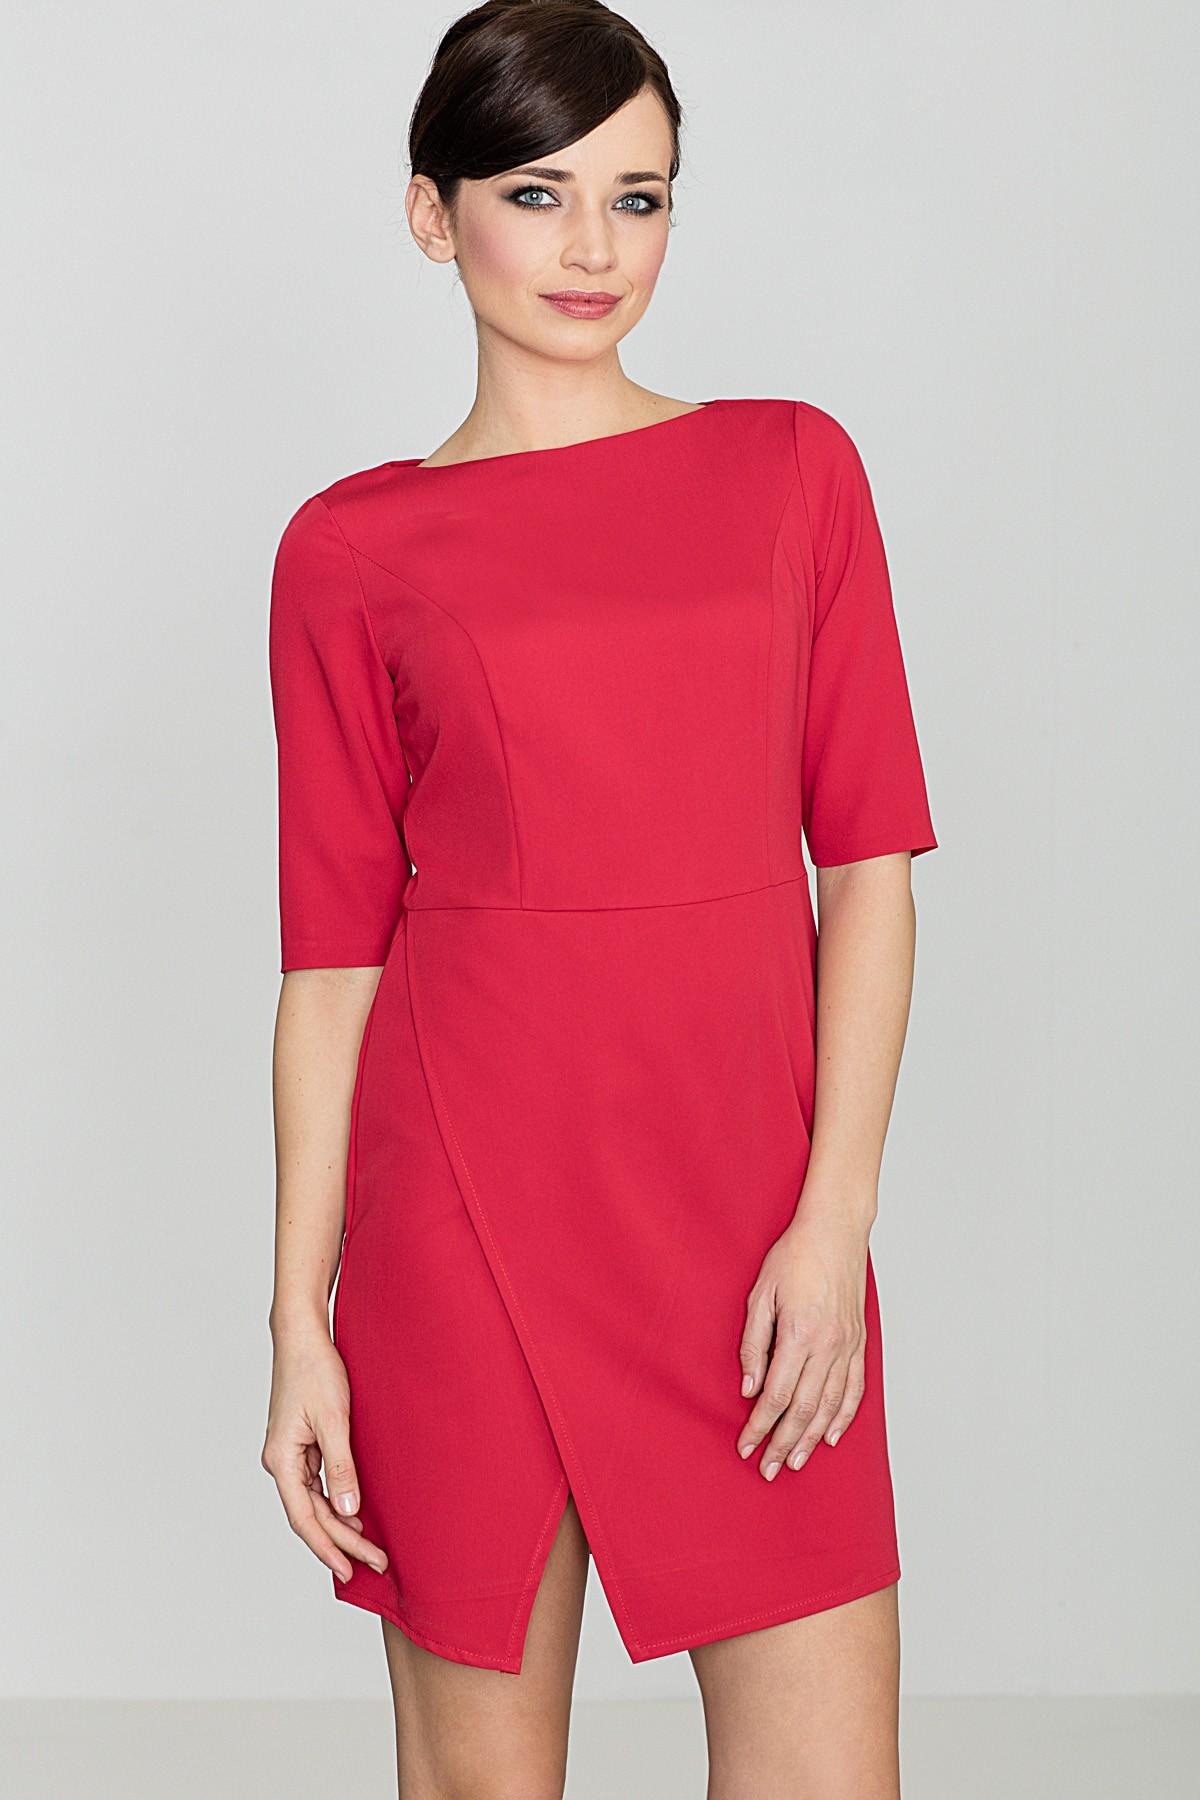 866a5ed6 Elegancka sukienka do biura czerwona